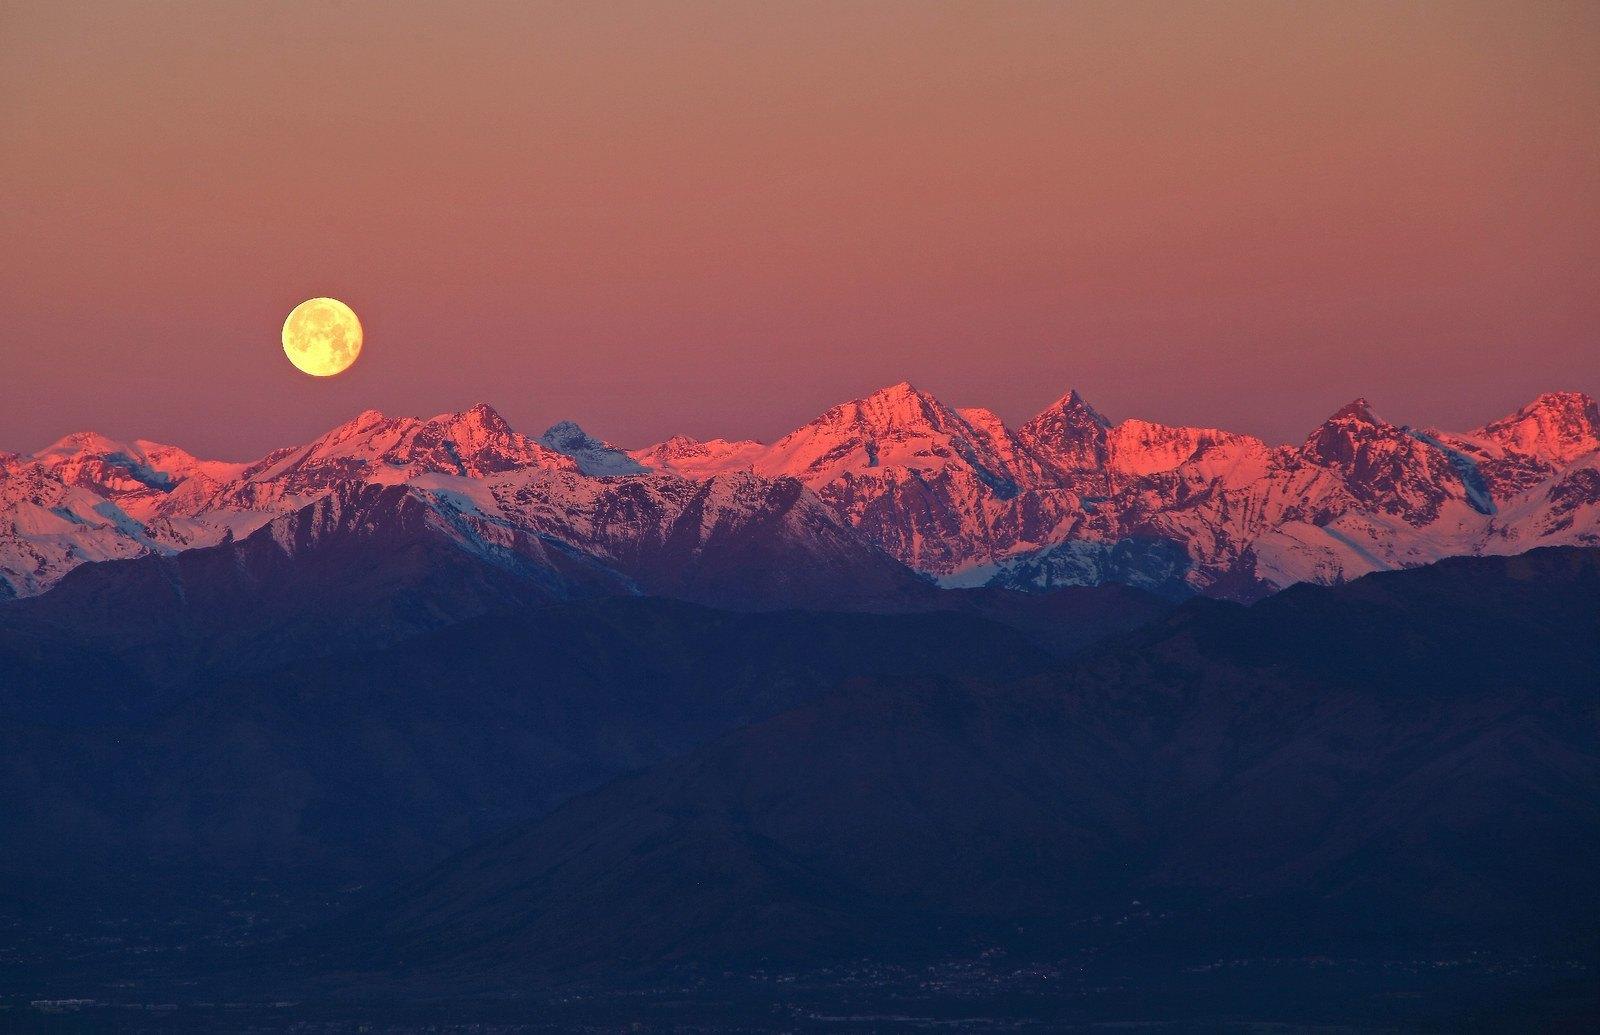 Stefano de Rosa / Lua cheia sobre os alpes